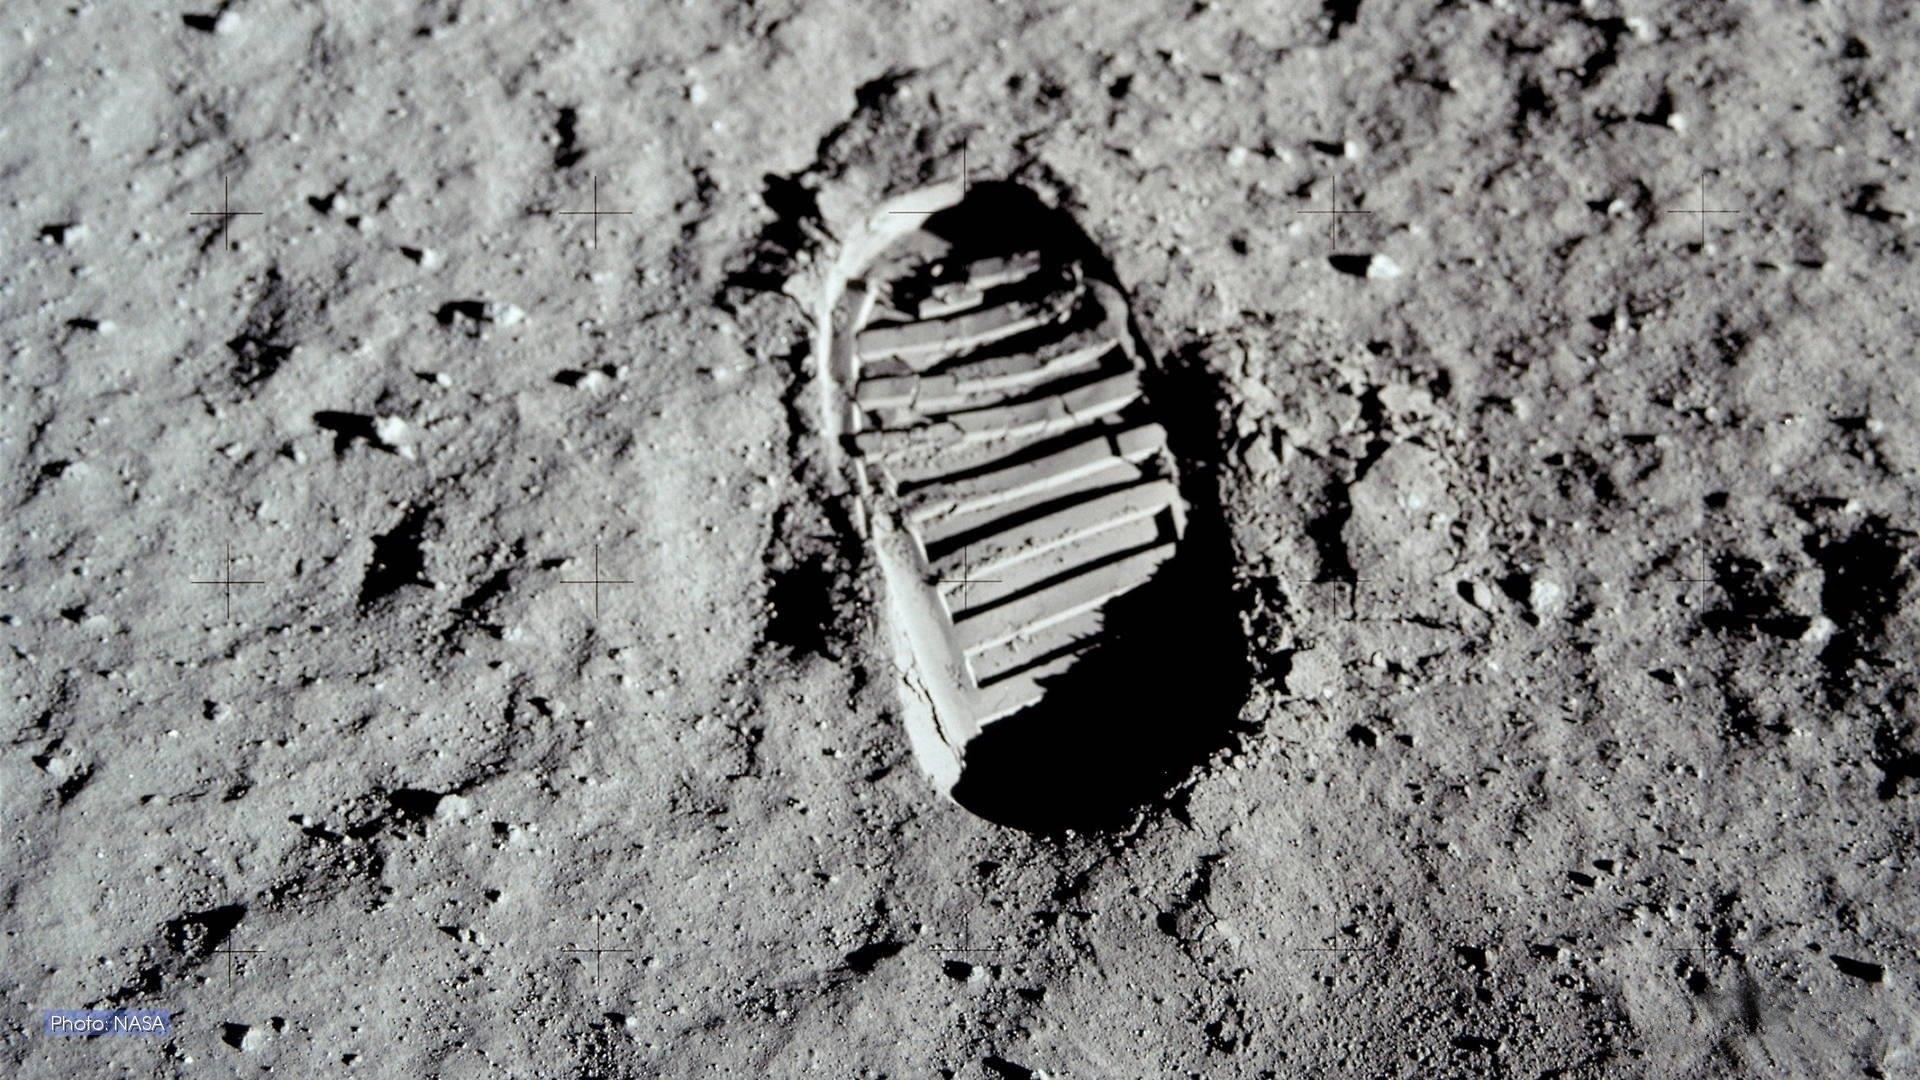 Orma di Buzz Aldrin sulla superficie lunare